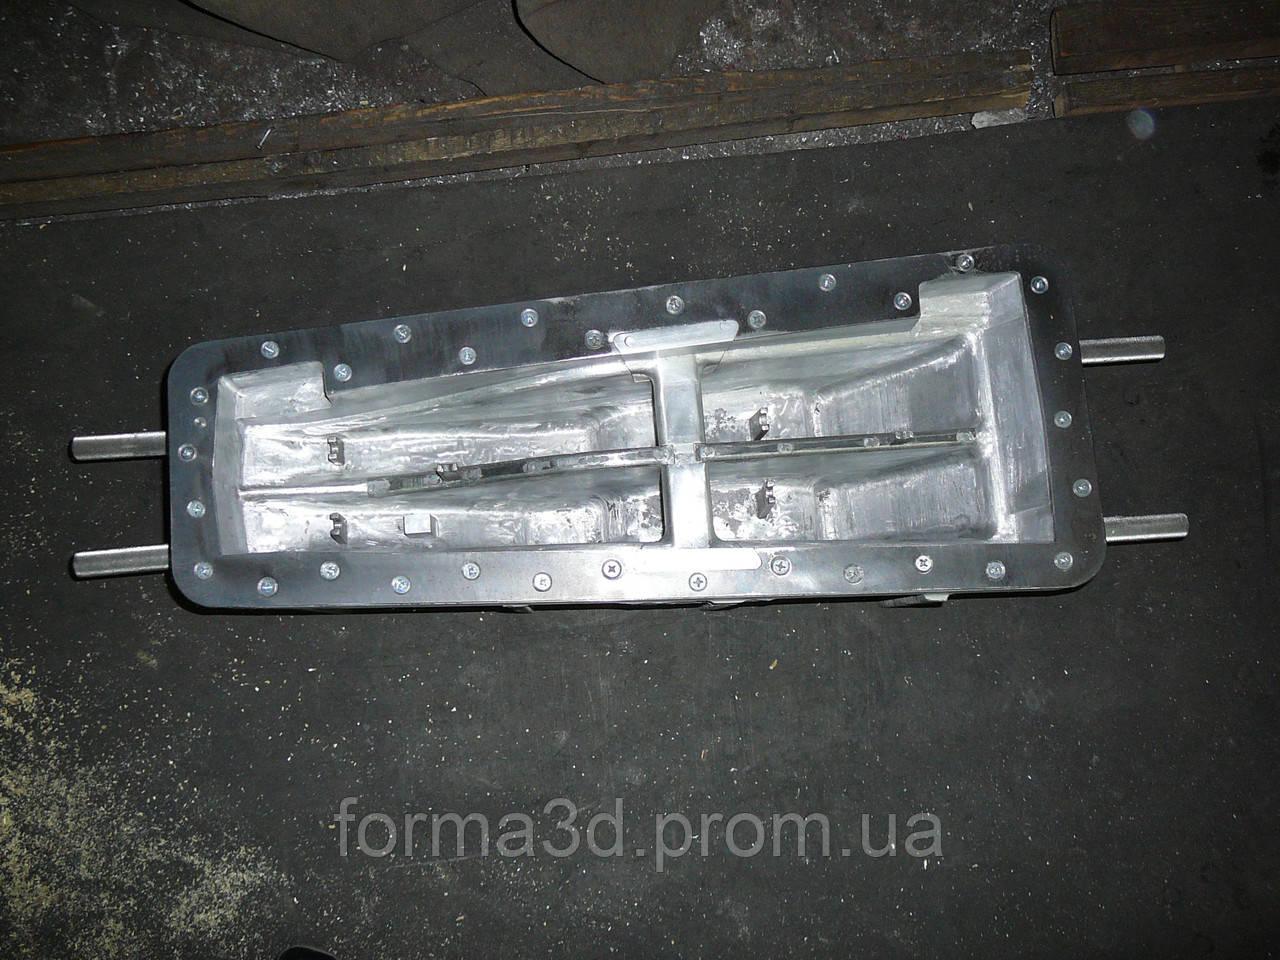 Модельная оснастка для литья ХТС (холодно твердеющие смеси)